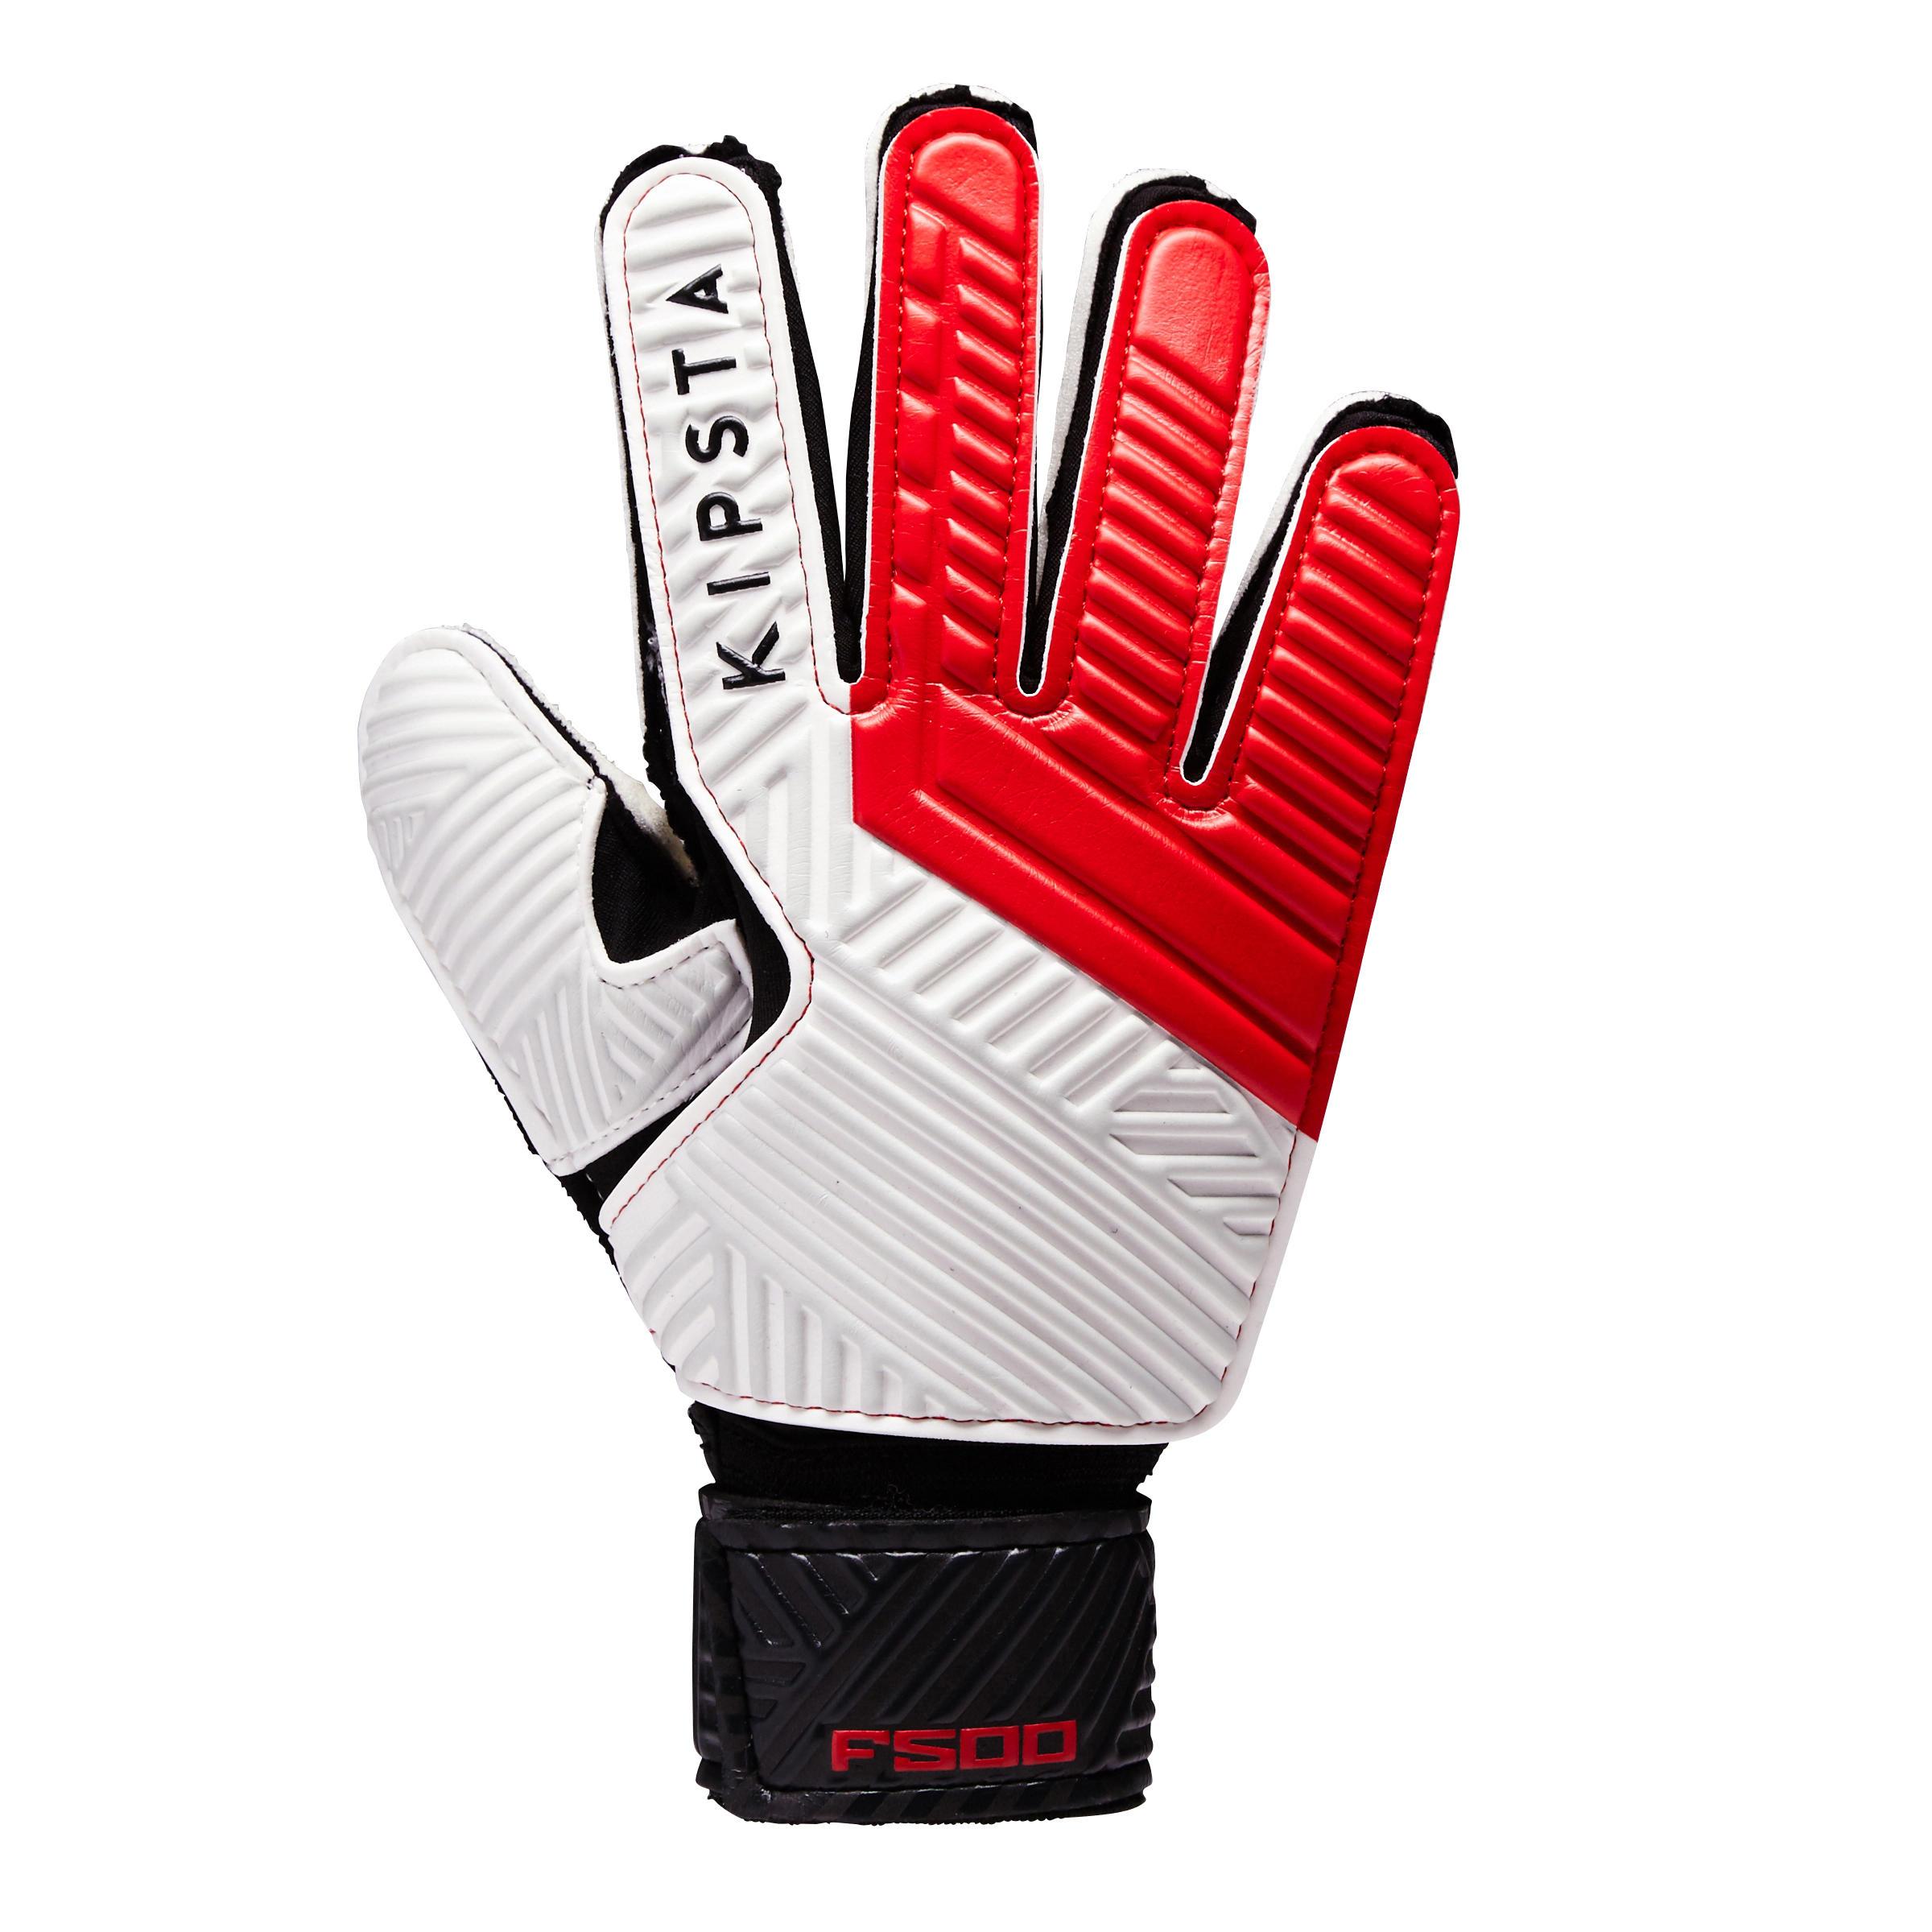 Keepershandschoenen F500 voor kinderen rood-zwart